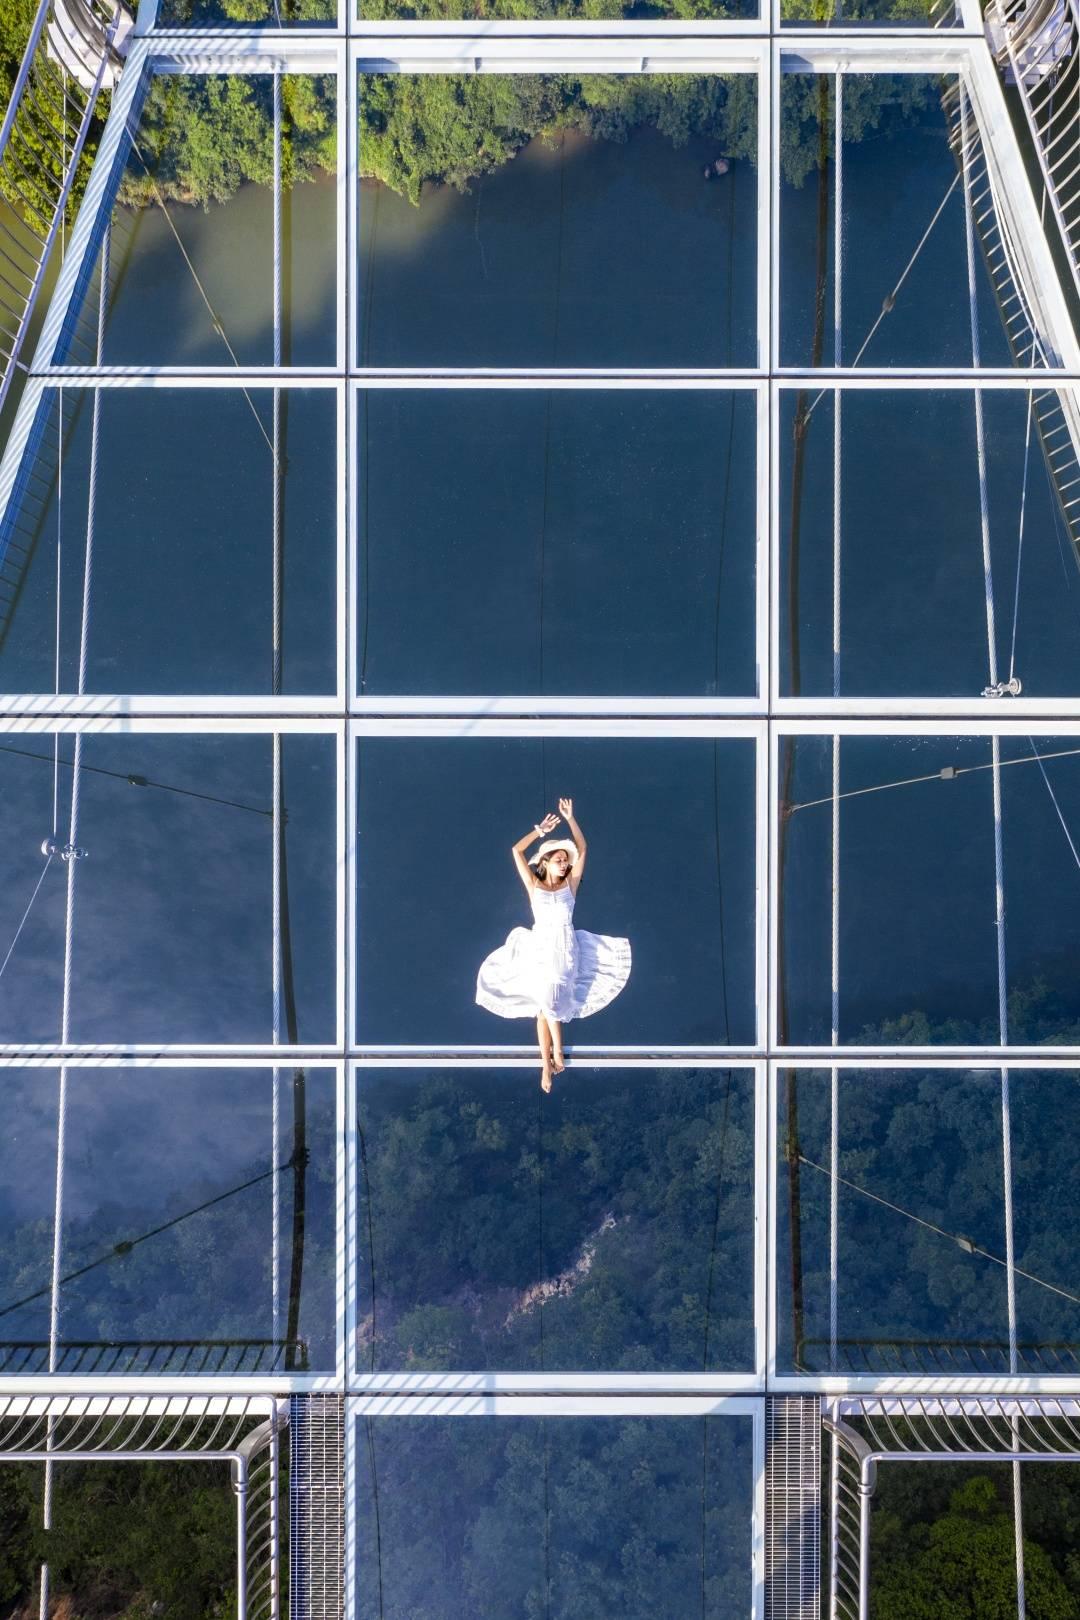 """【清远.连州】湟川三峡 ·擎天玻璃桥-网红打卡,吉尼斯世界纪录认证的世界上""""最长的玻璃桥"""",半价票(含擎天玻璃桥门票、渡船、回程旅游观光车接送)"""